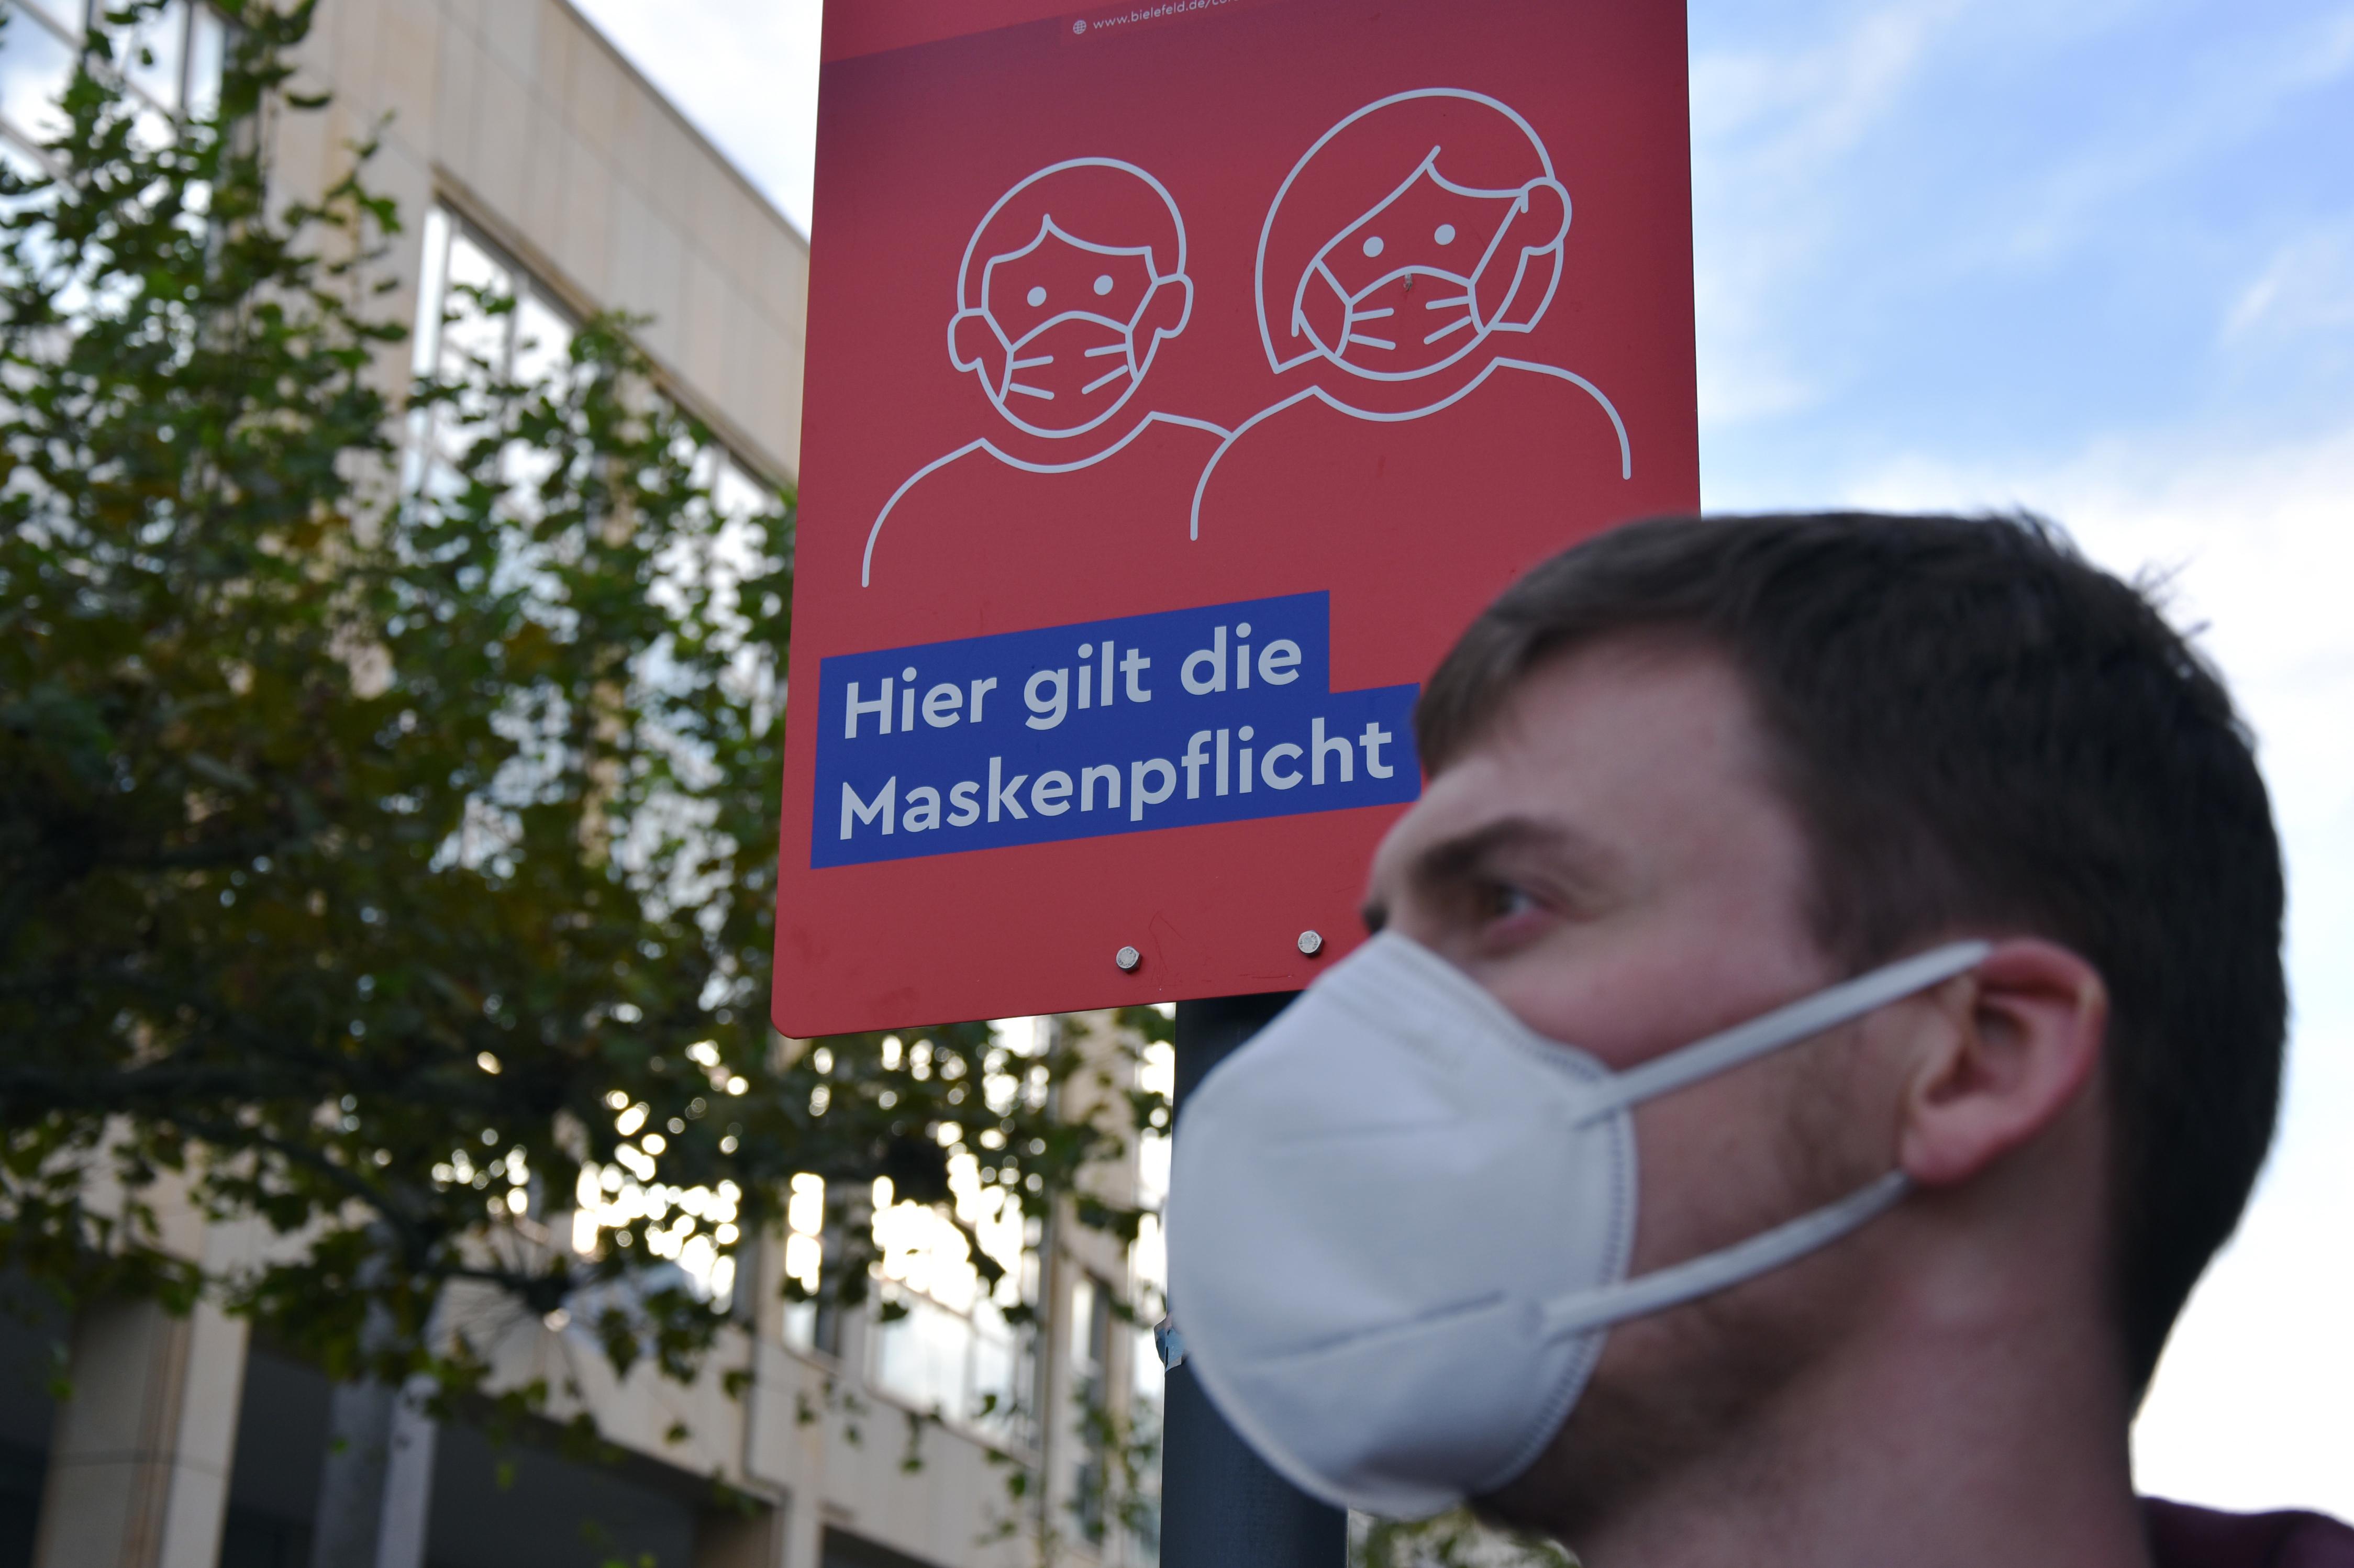 maskenpflicht-schild-ffp2maske